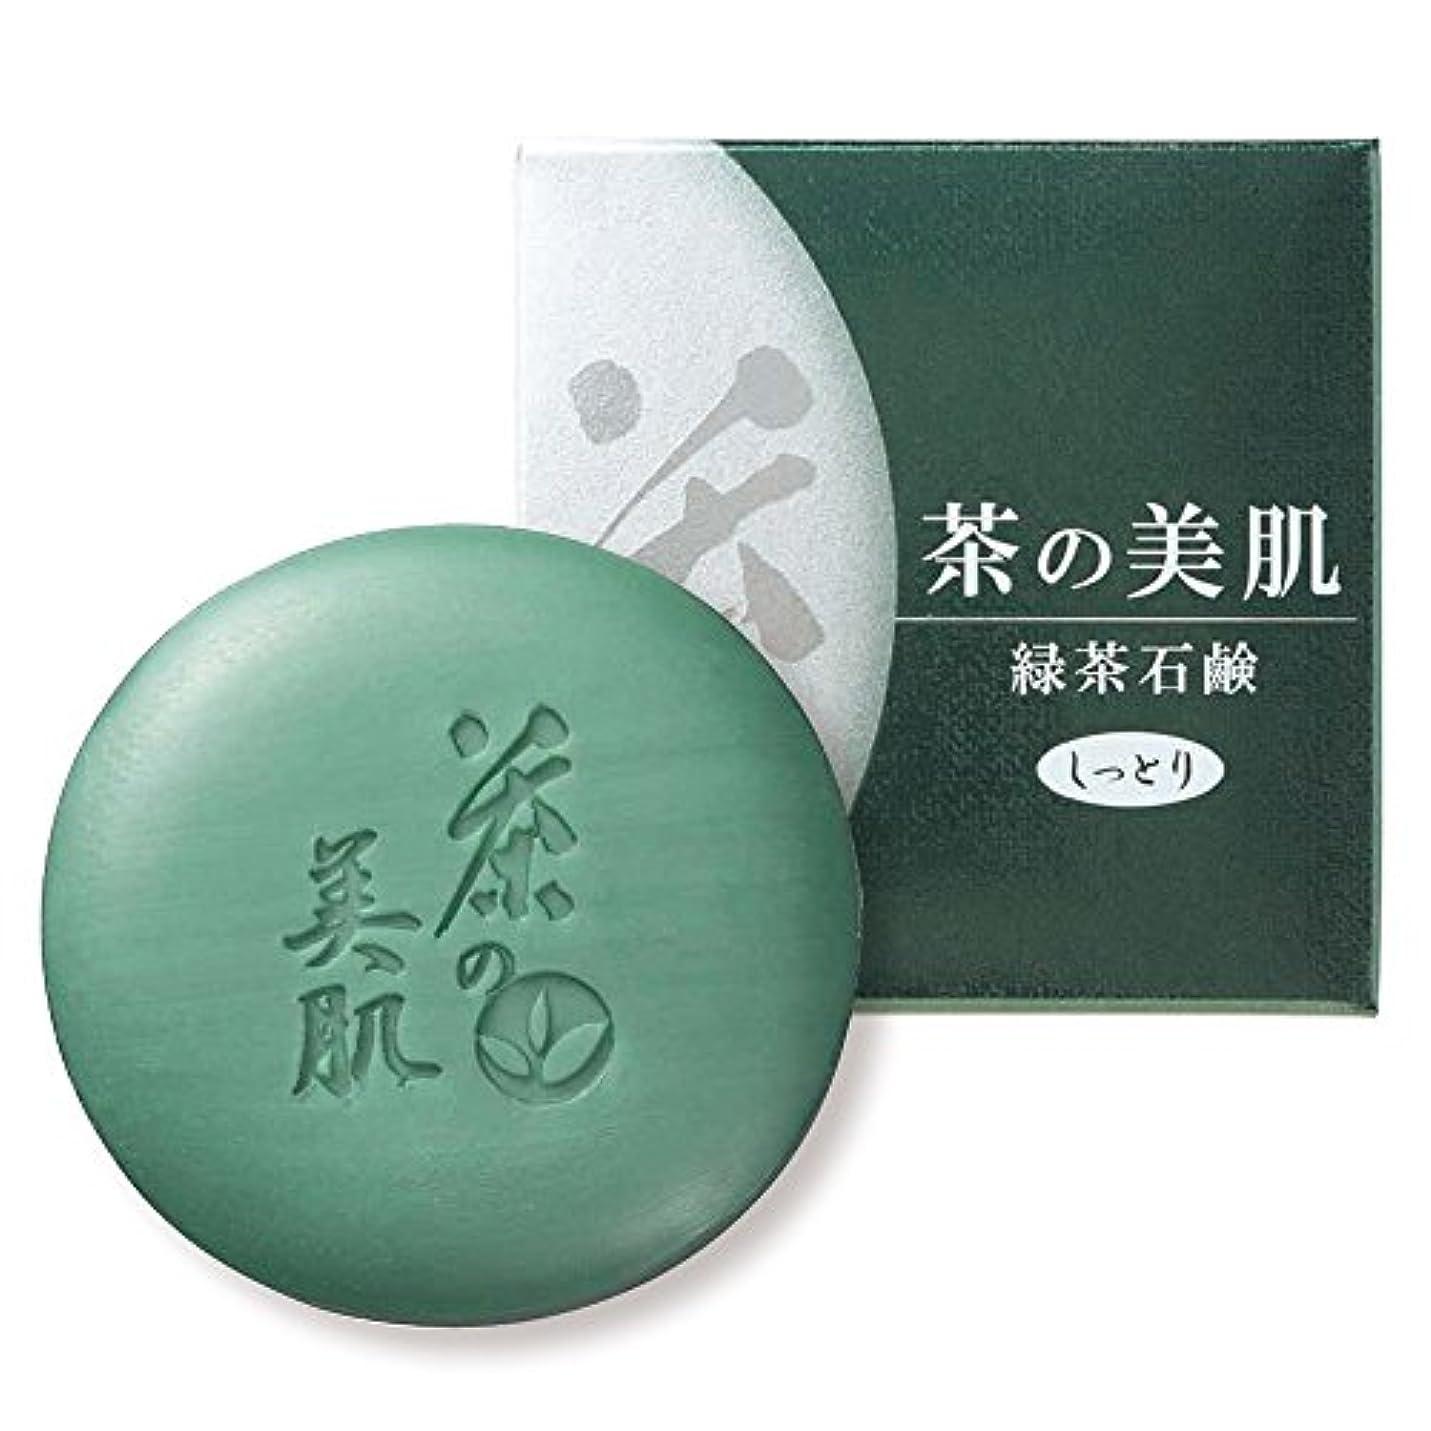 スティックトロリー文献お茶村 洗顔 茶の美肌 緑茶 石鹸 65g